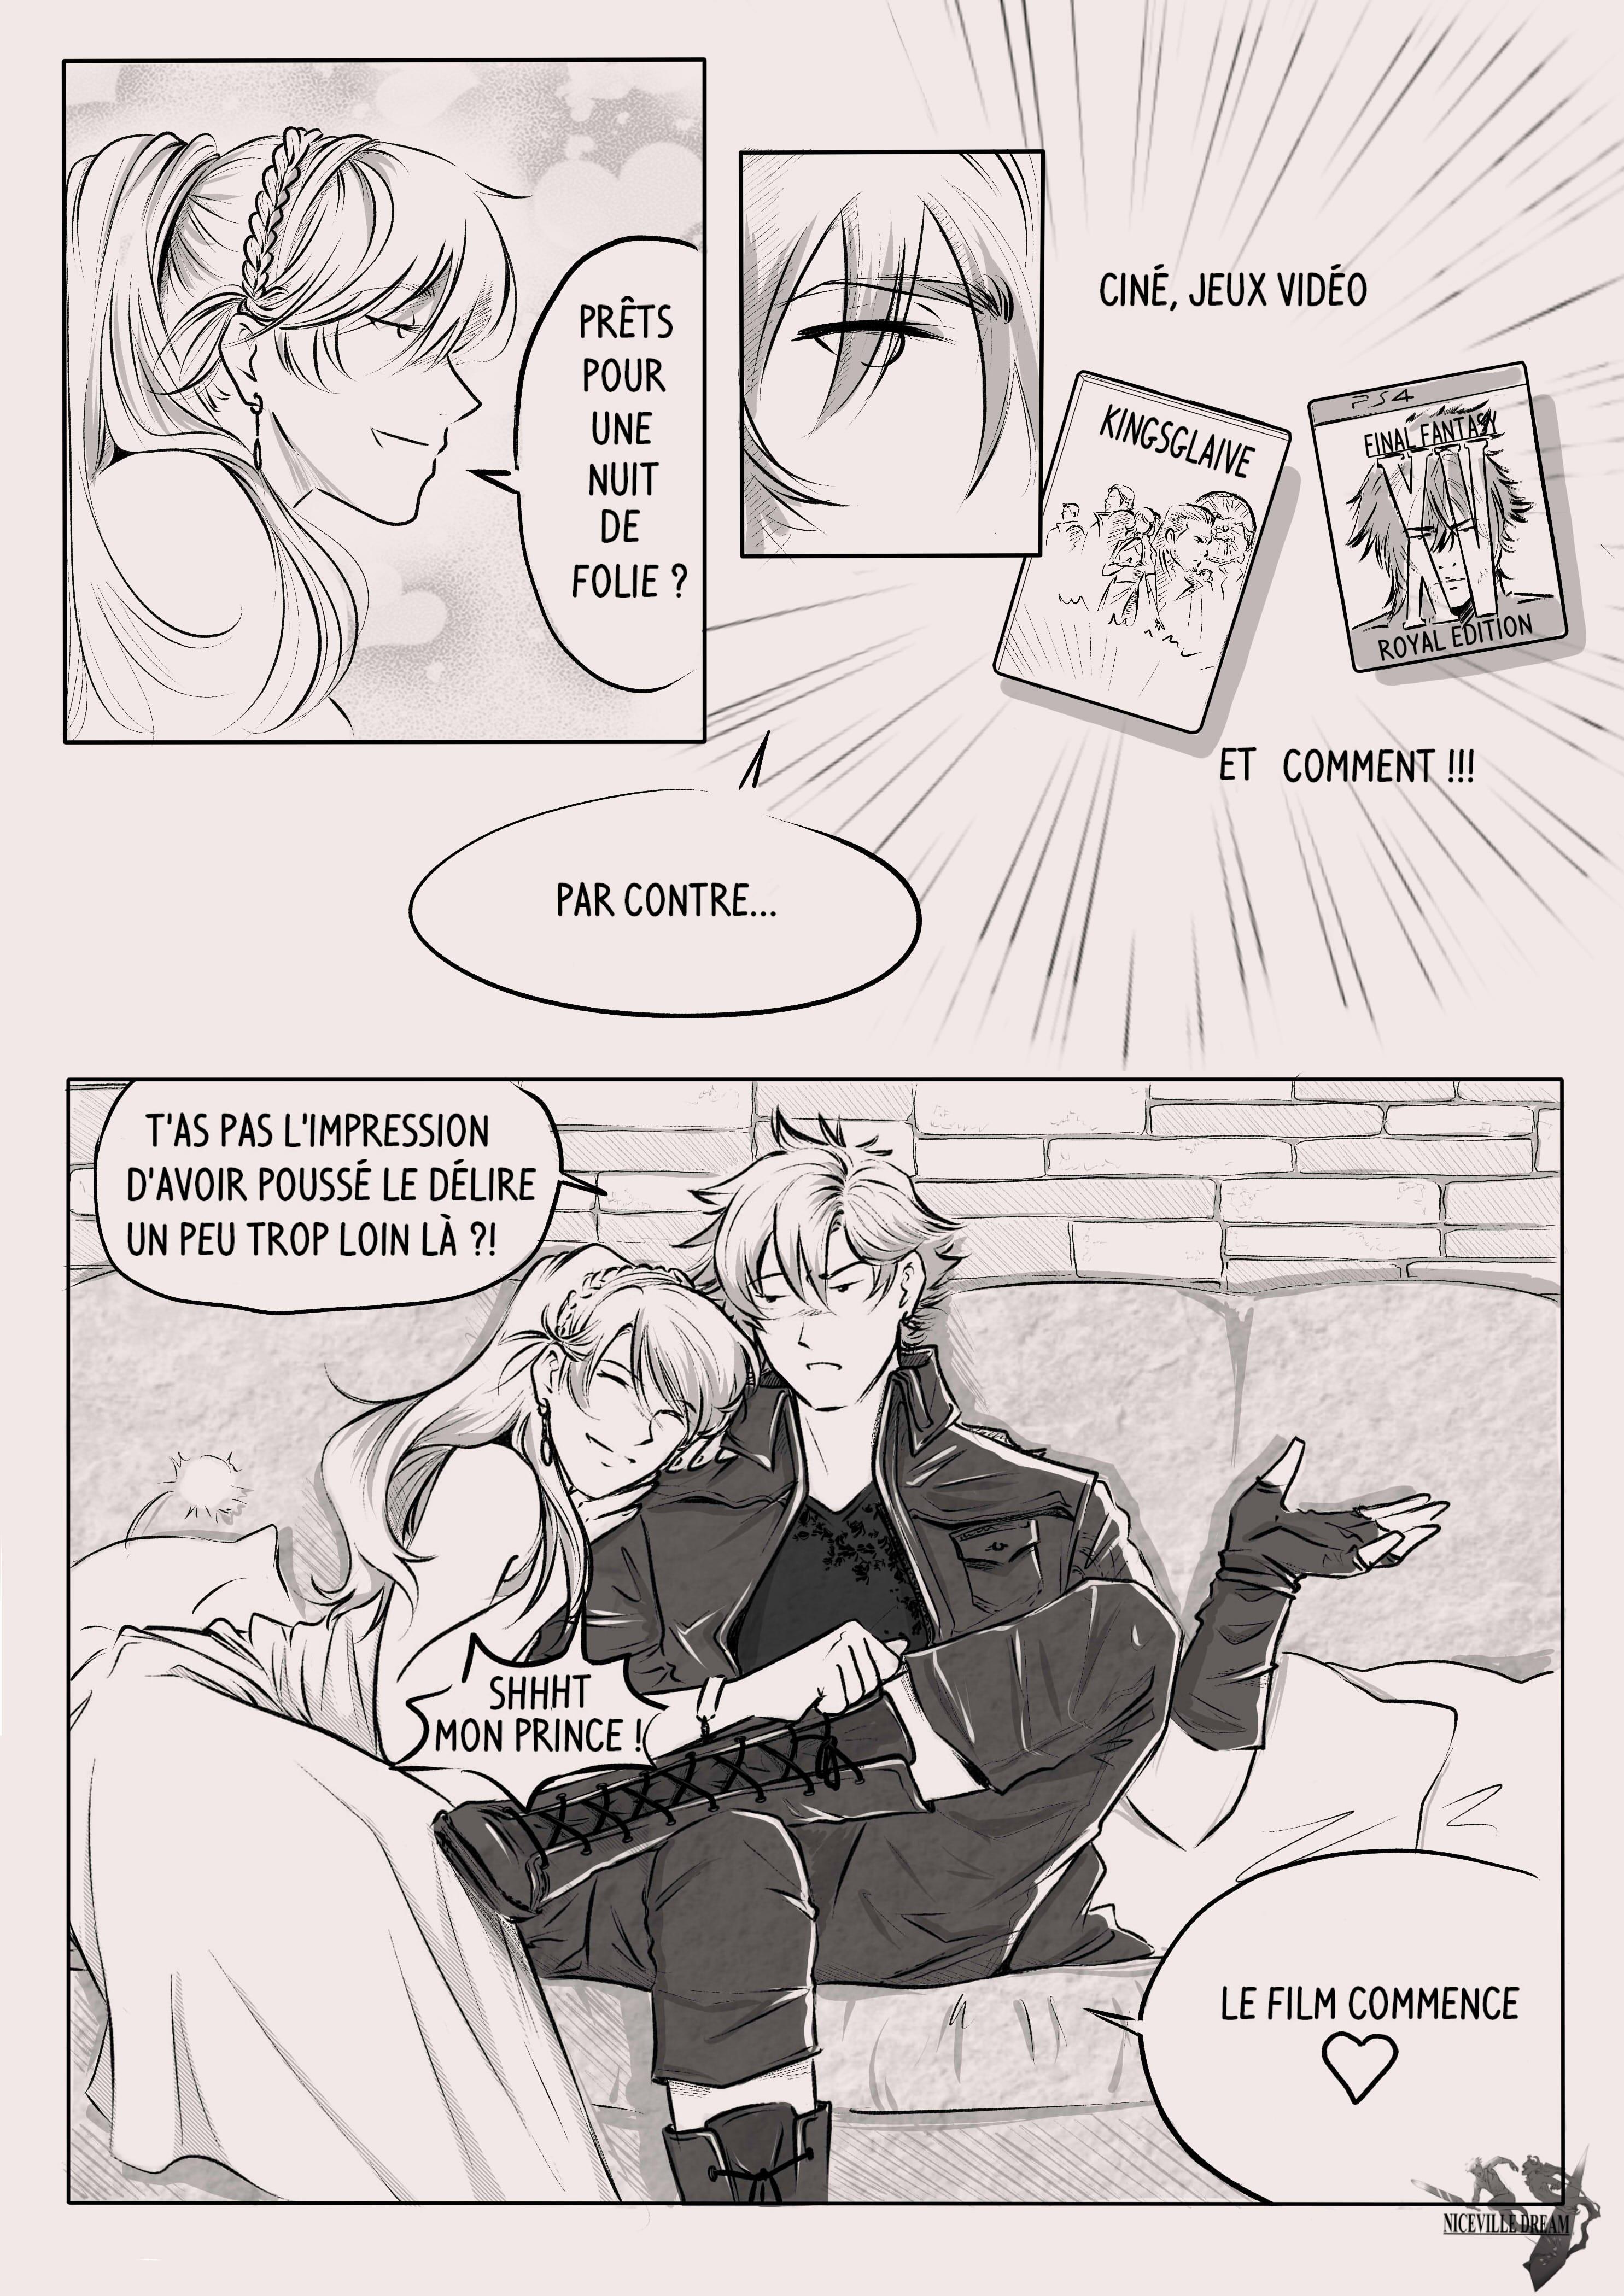 Niceville Dream : Final Fantasy XV jusqu'au bout de la nuit